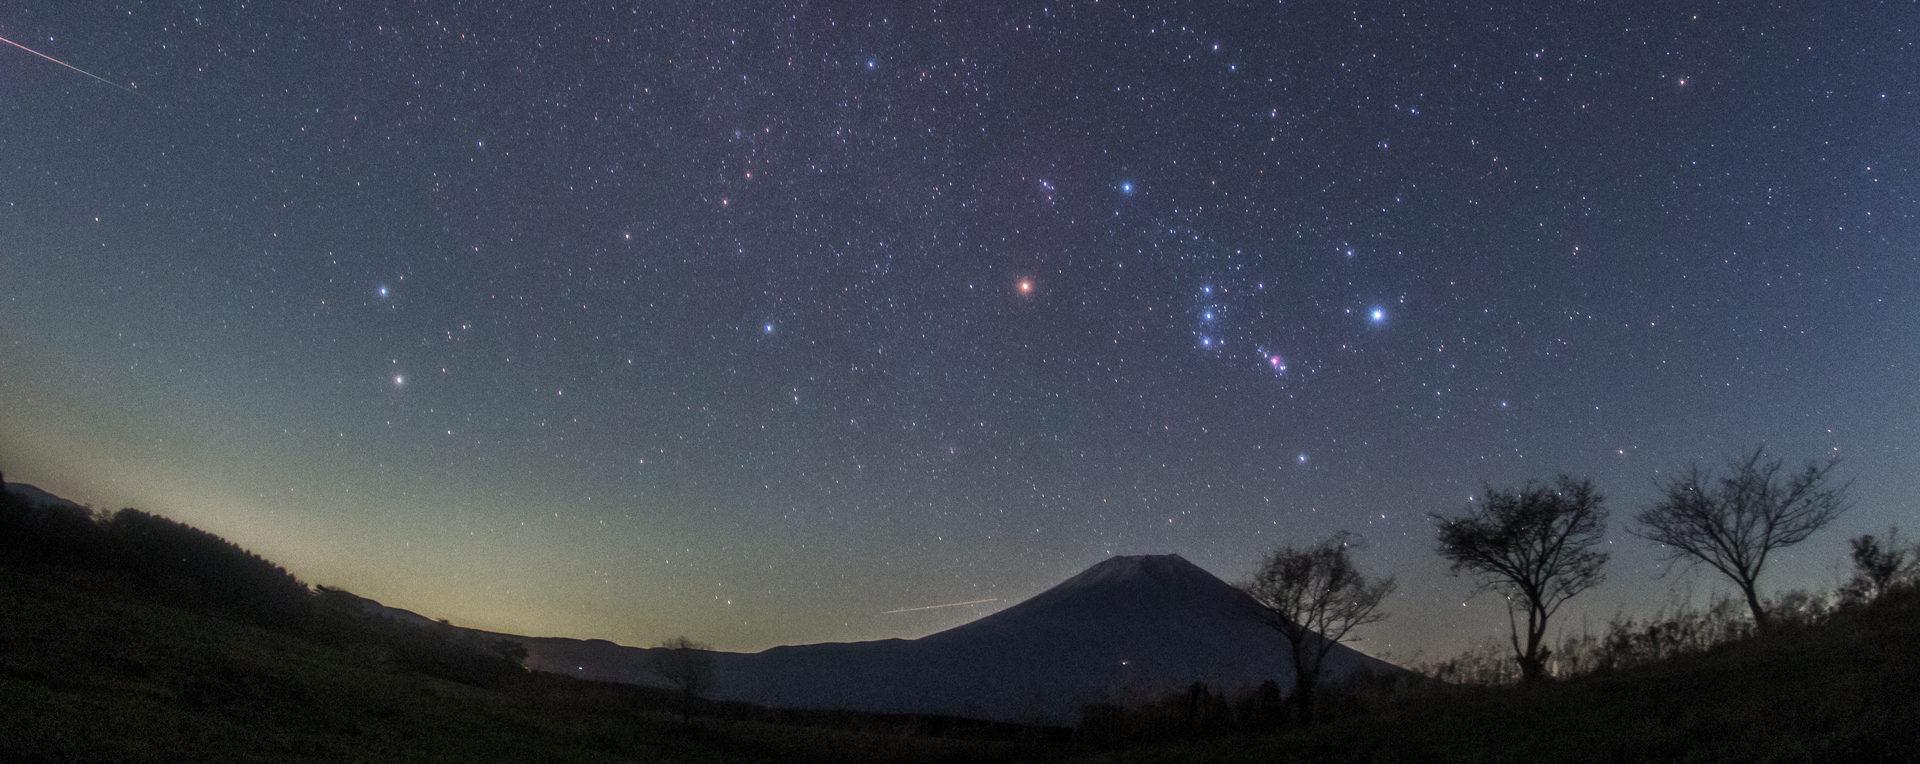 星空のある風景タイムラプス「三日月ロックⅤ」